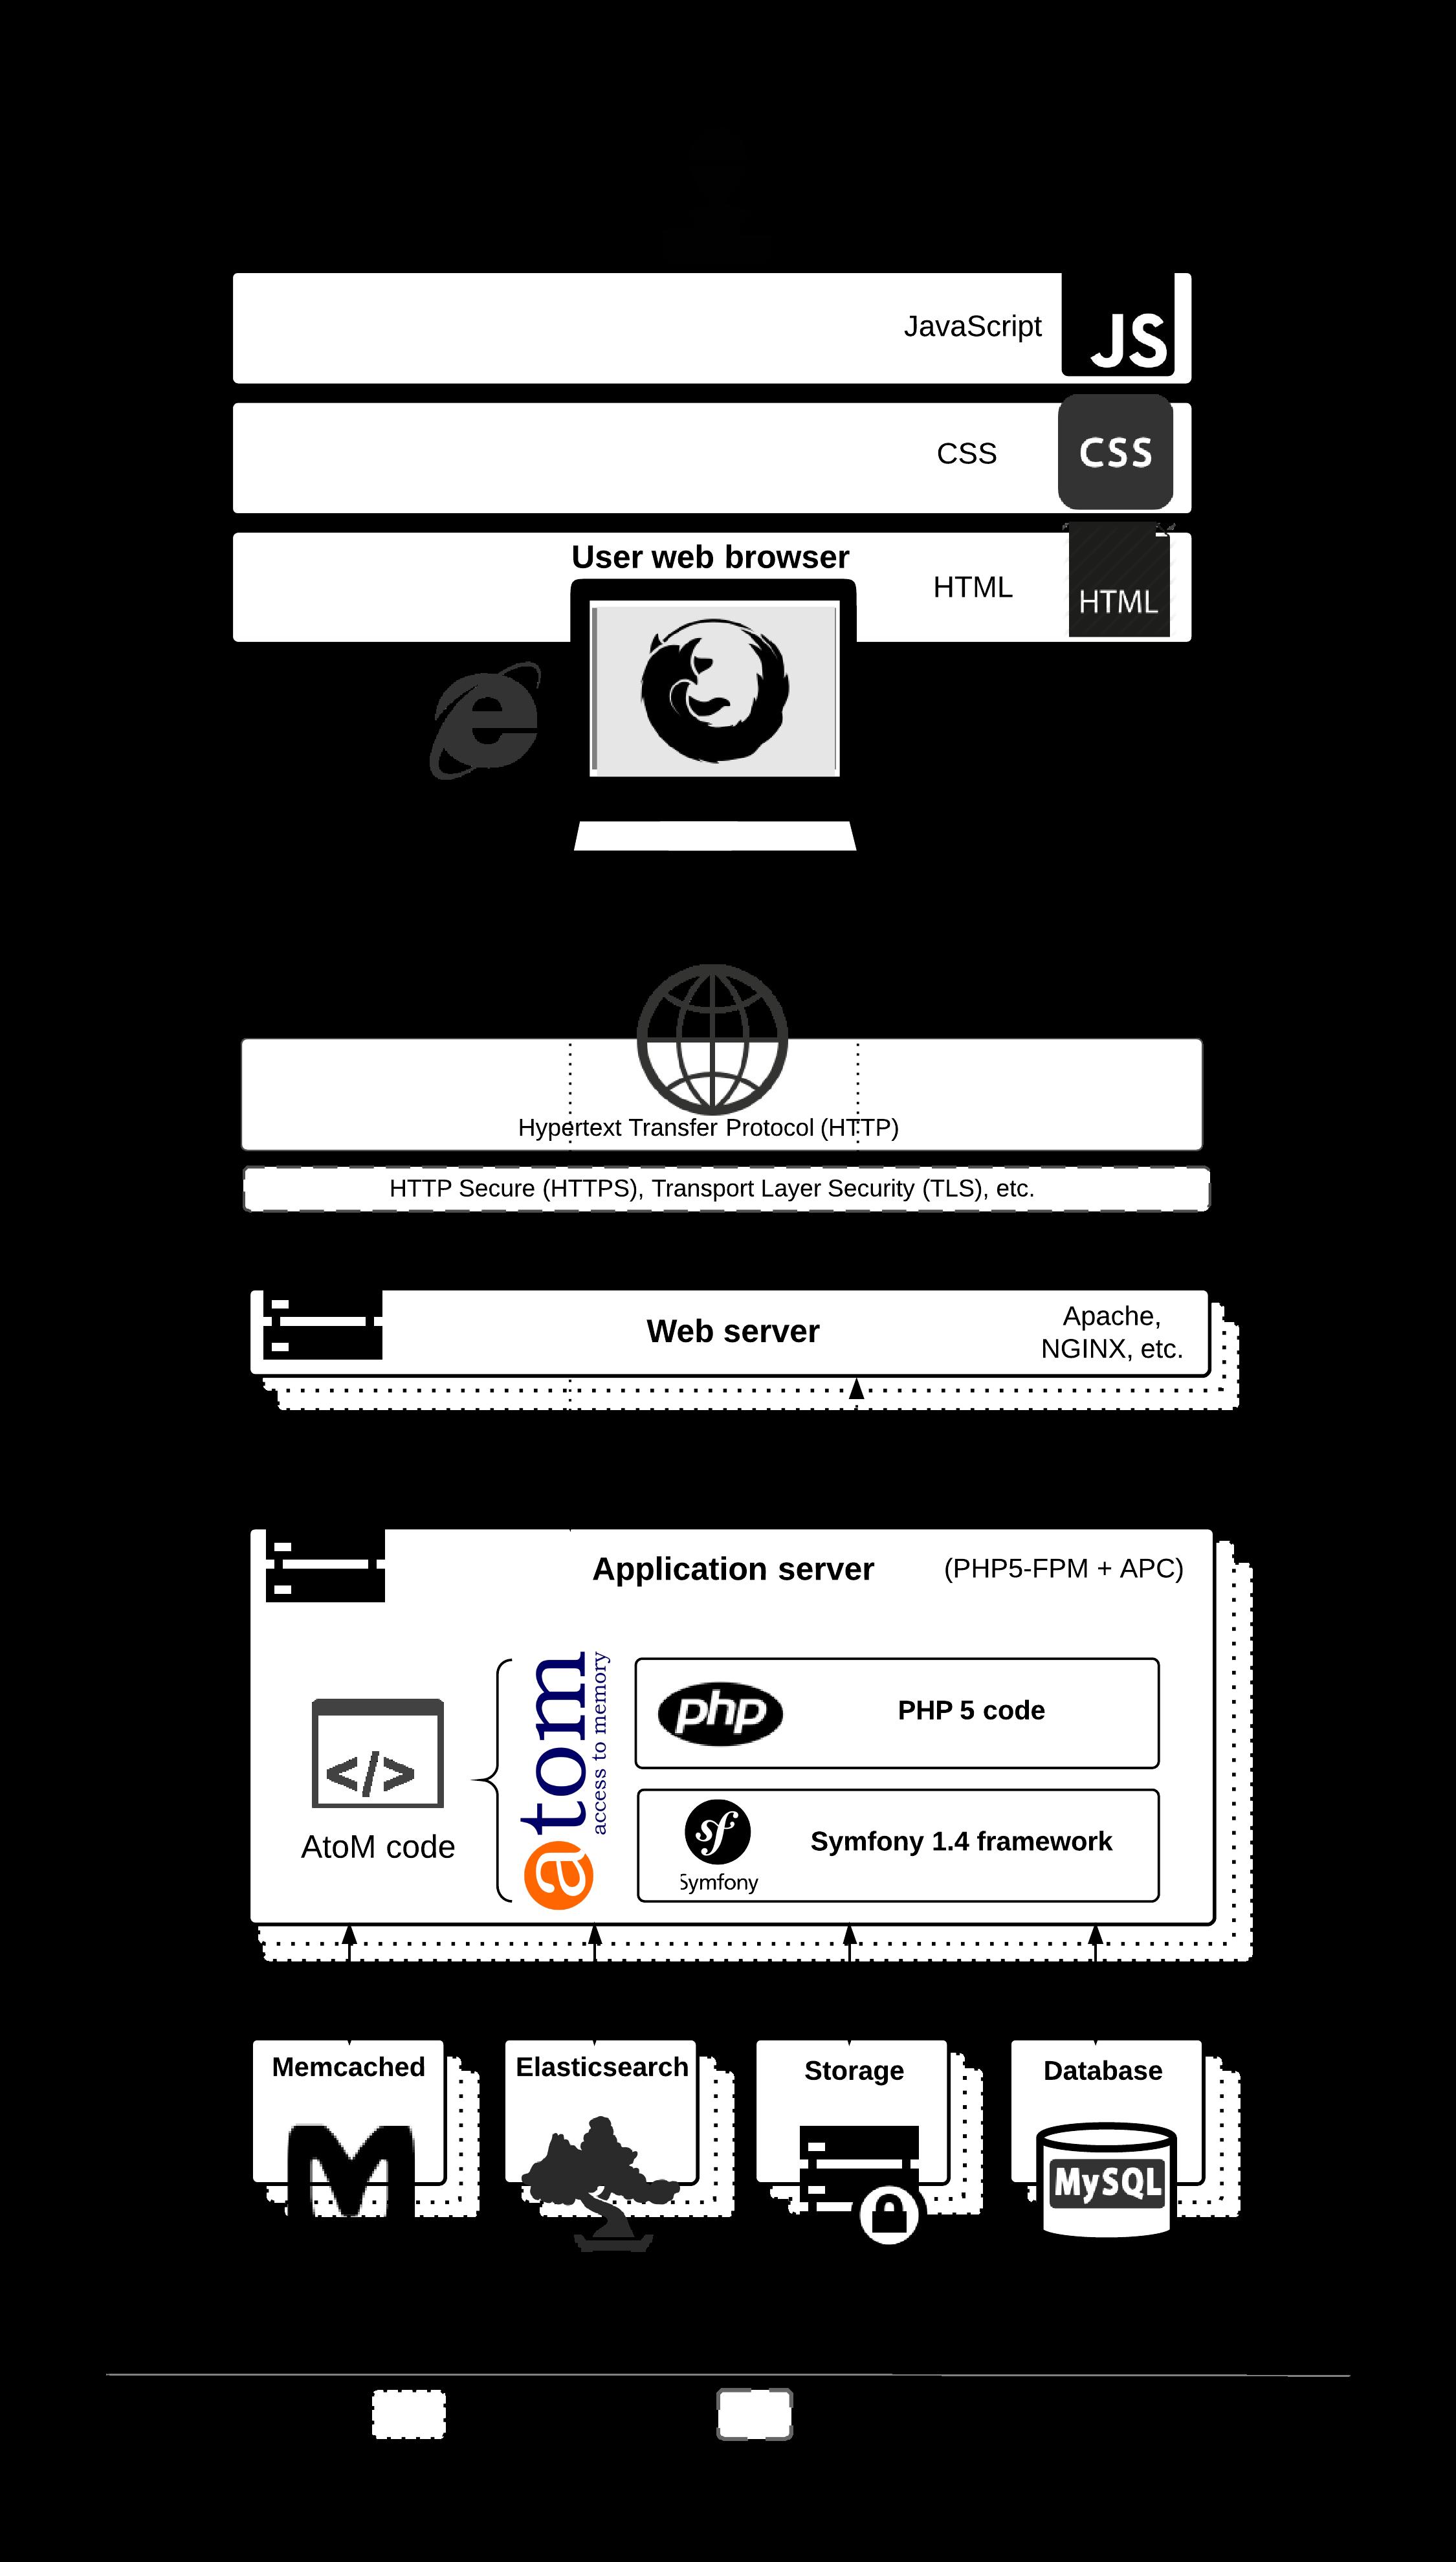 ilustração que descreve a estrutura do AtoM e a conexão entre suas partes